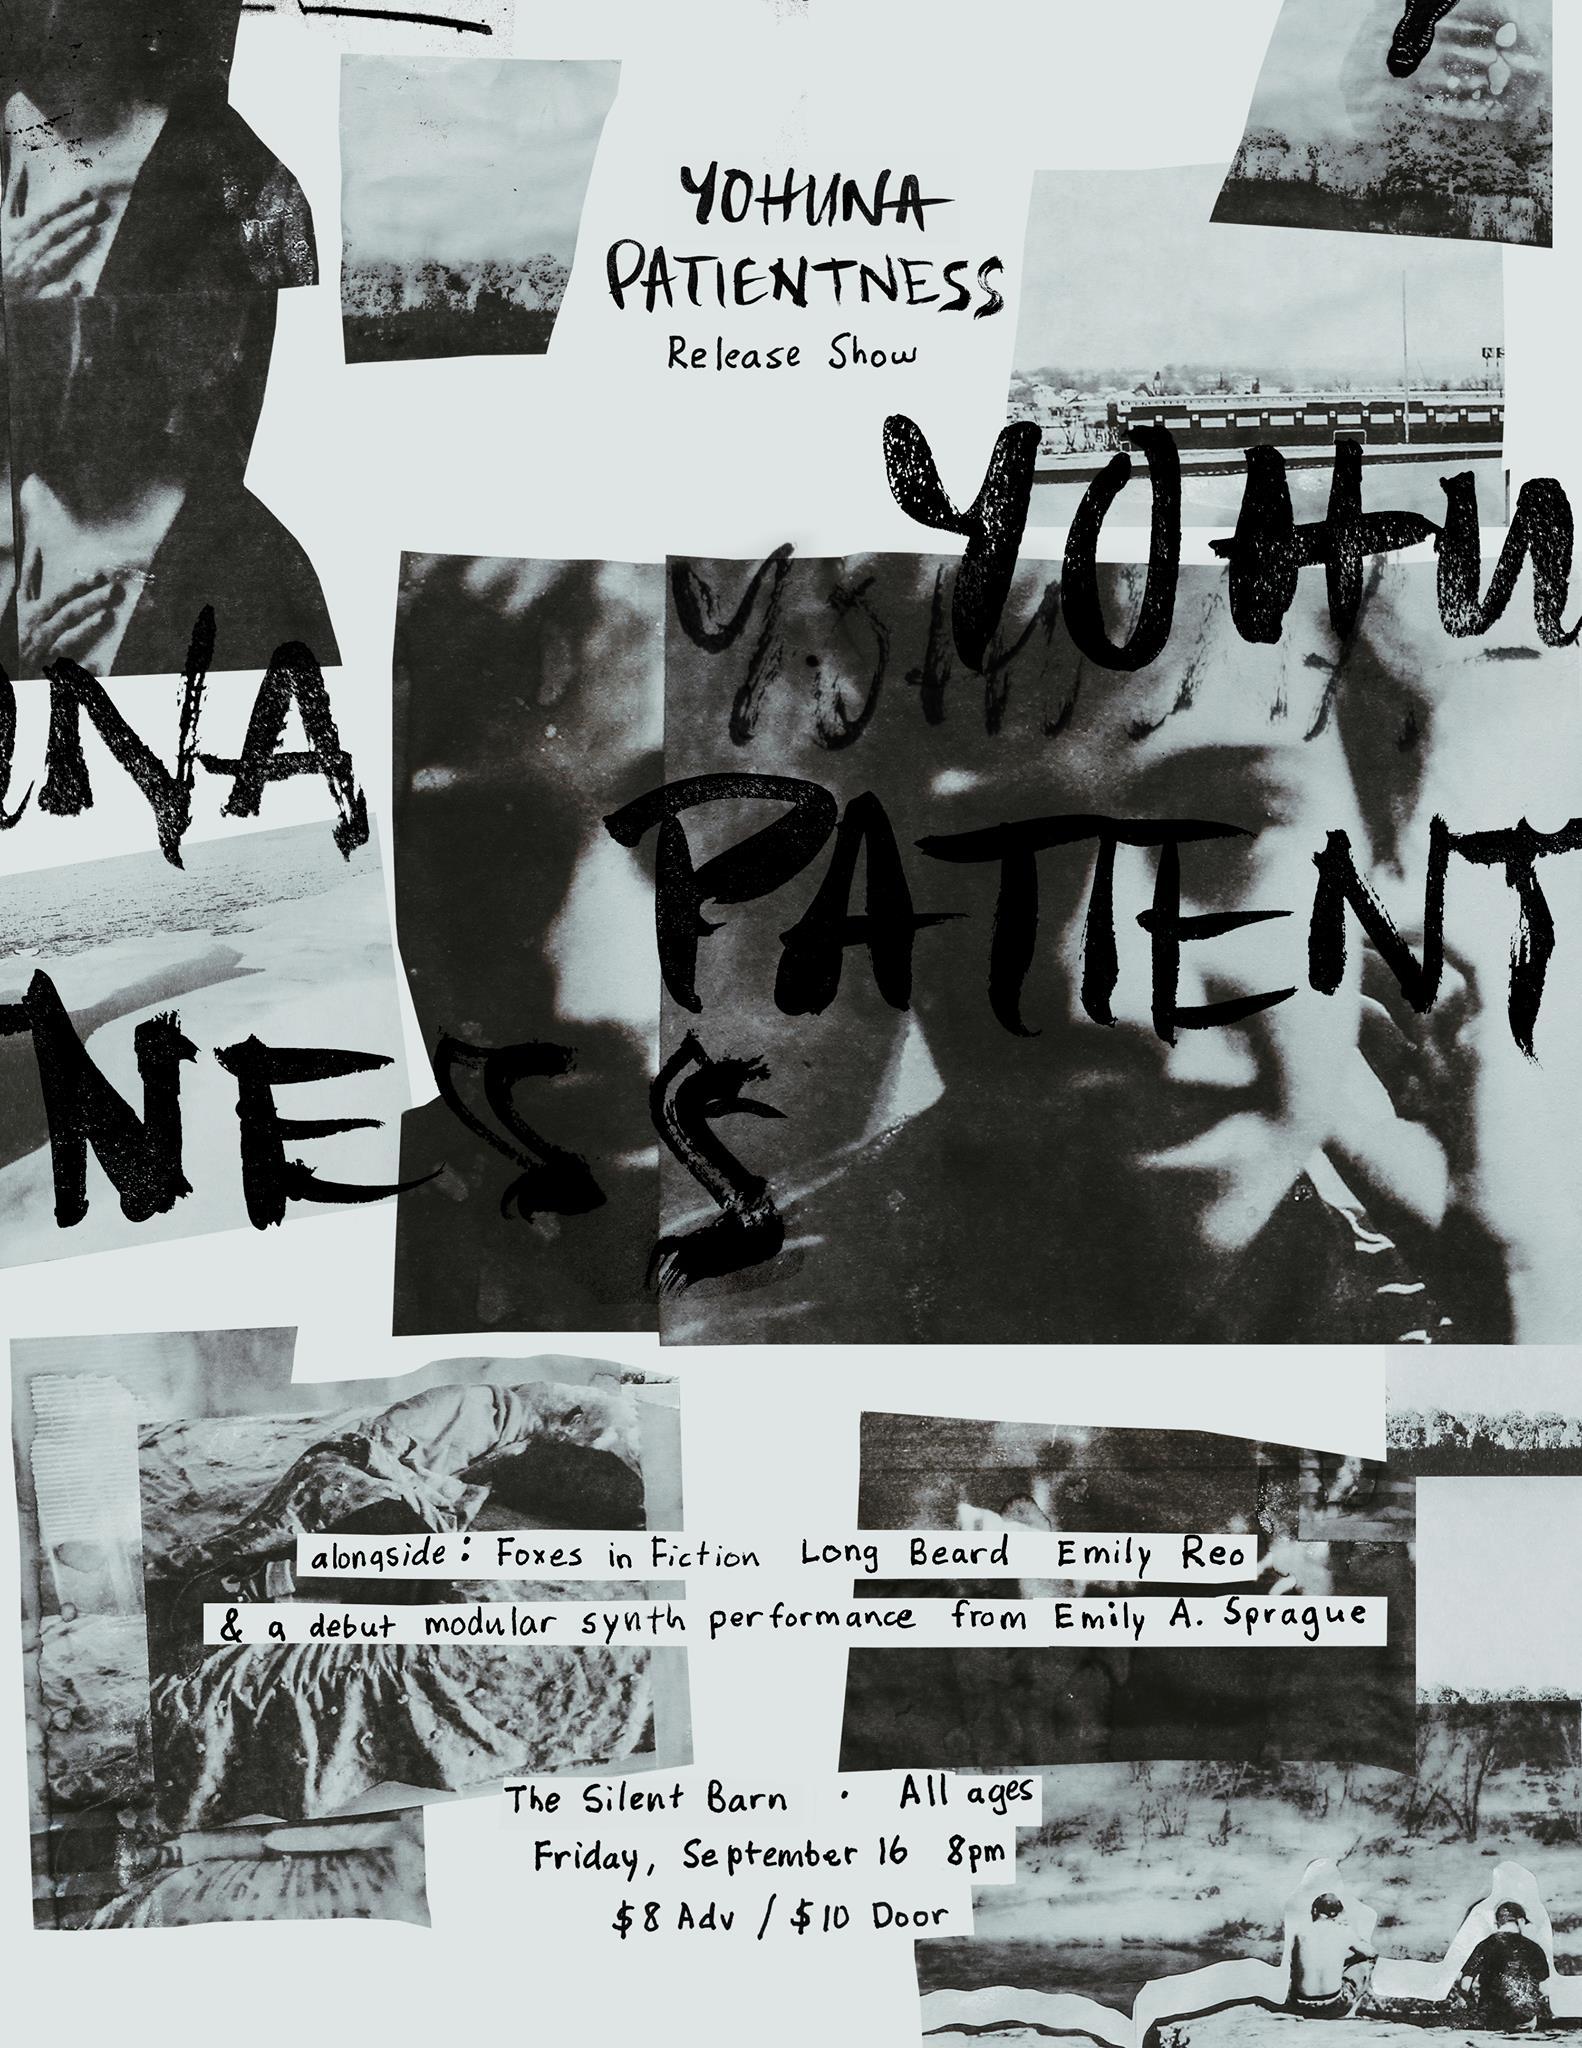 """Yohuna """"Patientness"""" Release Show Poster"""